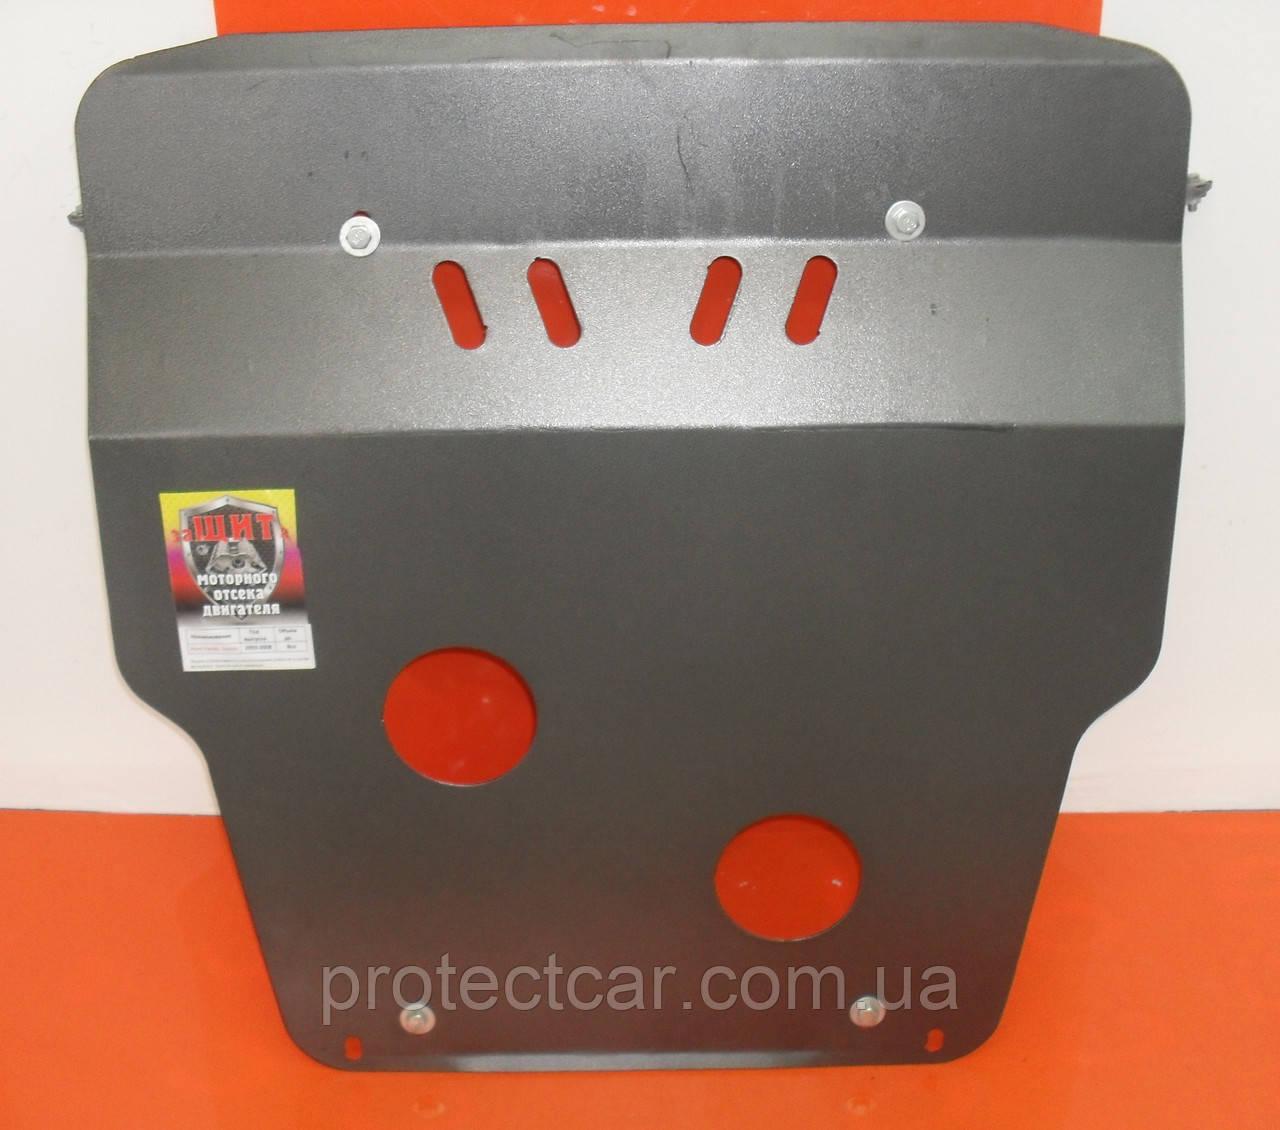 Защита двигателя Ford FIESTA (2002-2008) Форд Фиеста